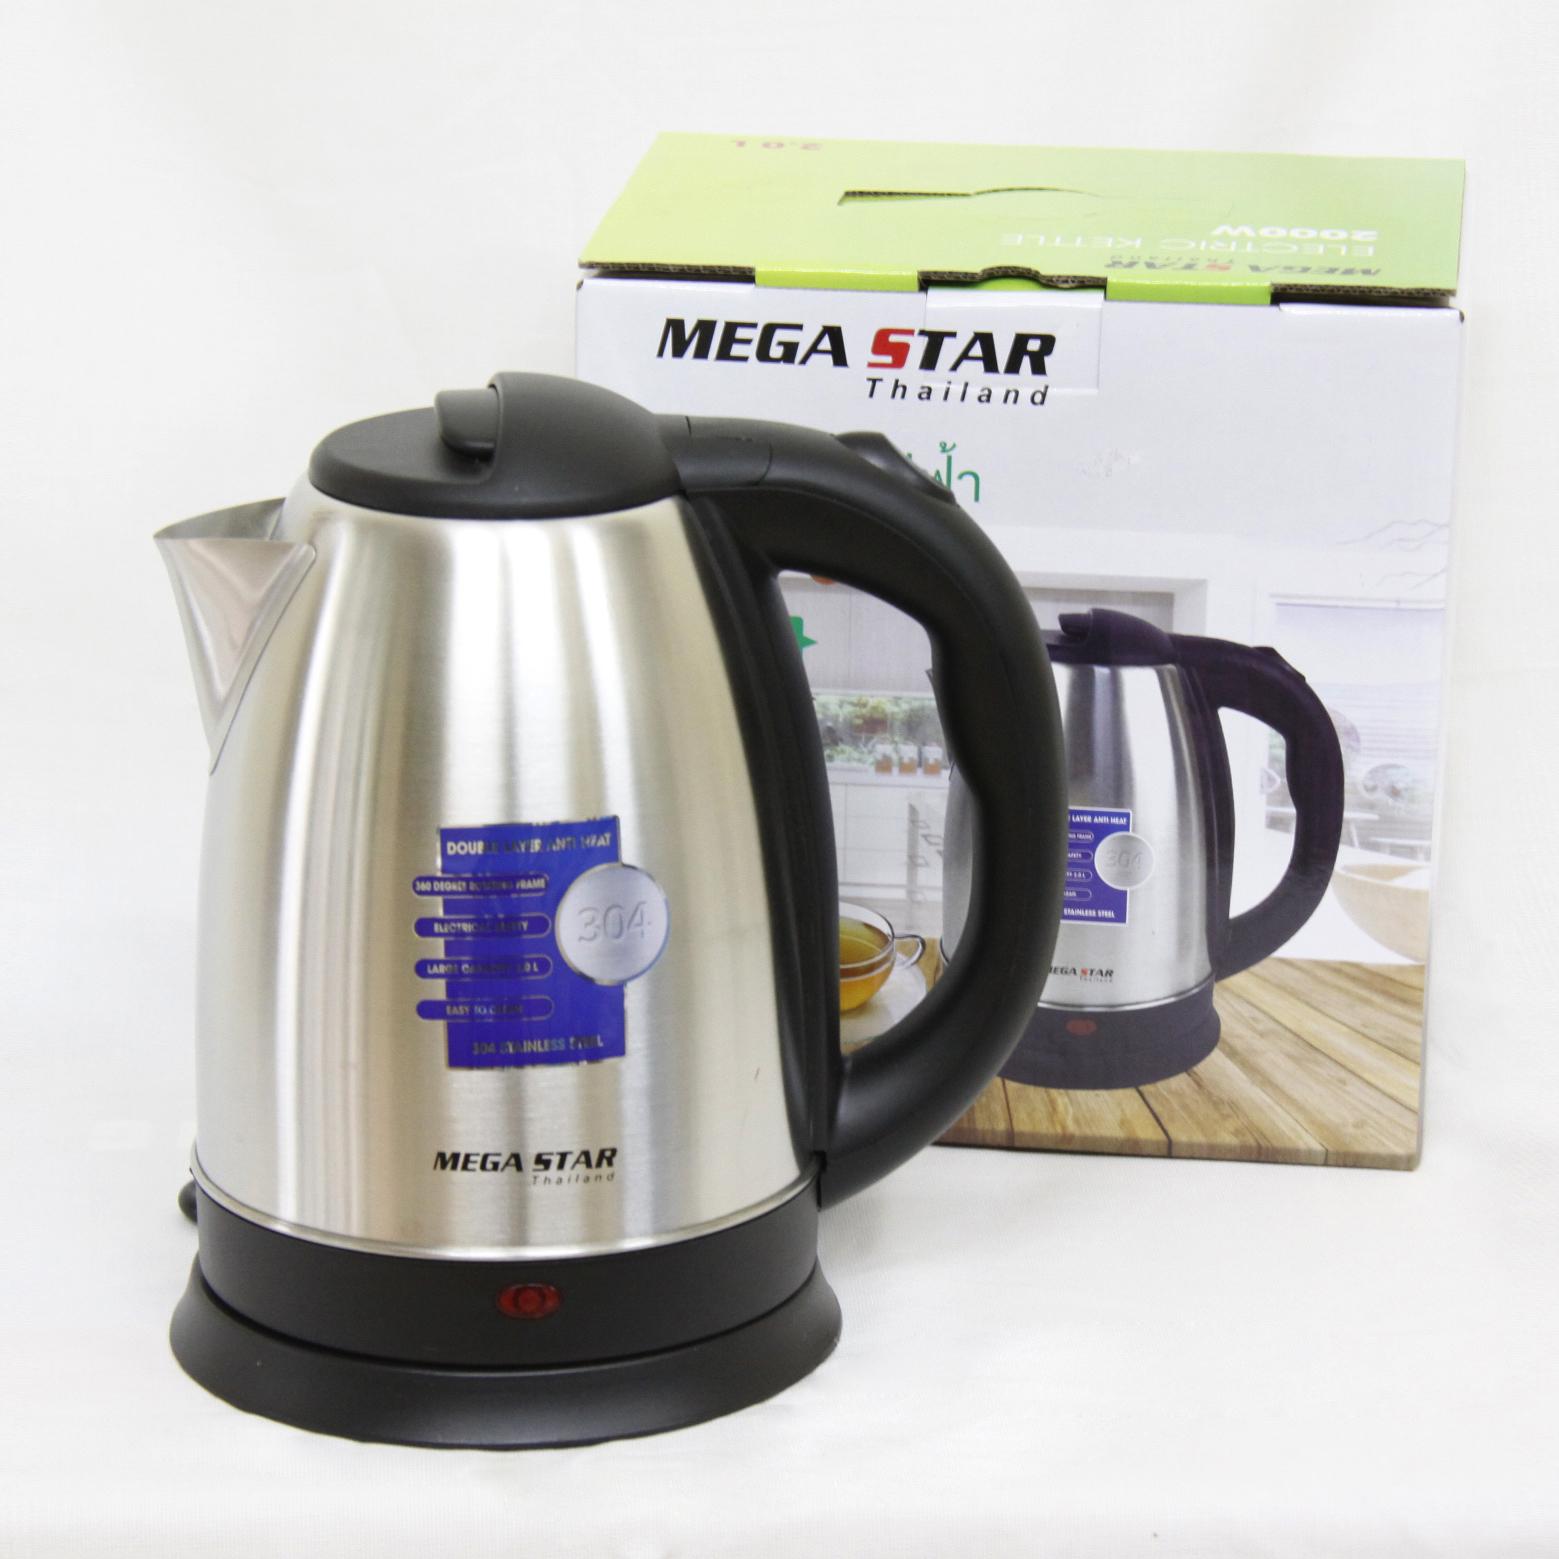 Bình đun siêu tốc Megastar SK-68 (2L) - Công suất 2000W mạnh mẽ đun nước nhanh chóng, thiết kế inox SUS 304 bền bỉ - Hàng chính hãng